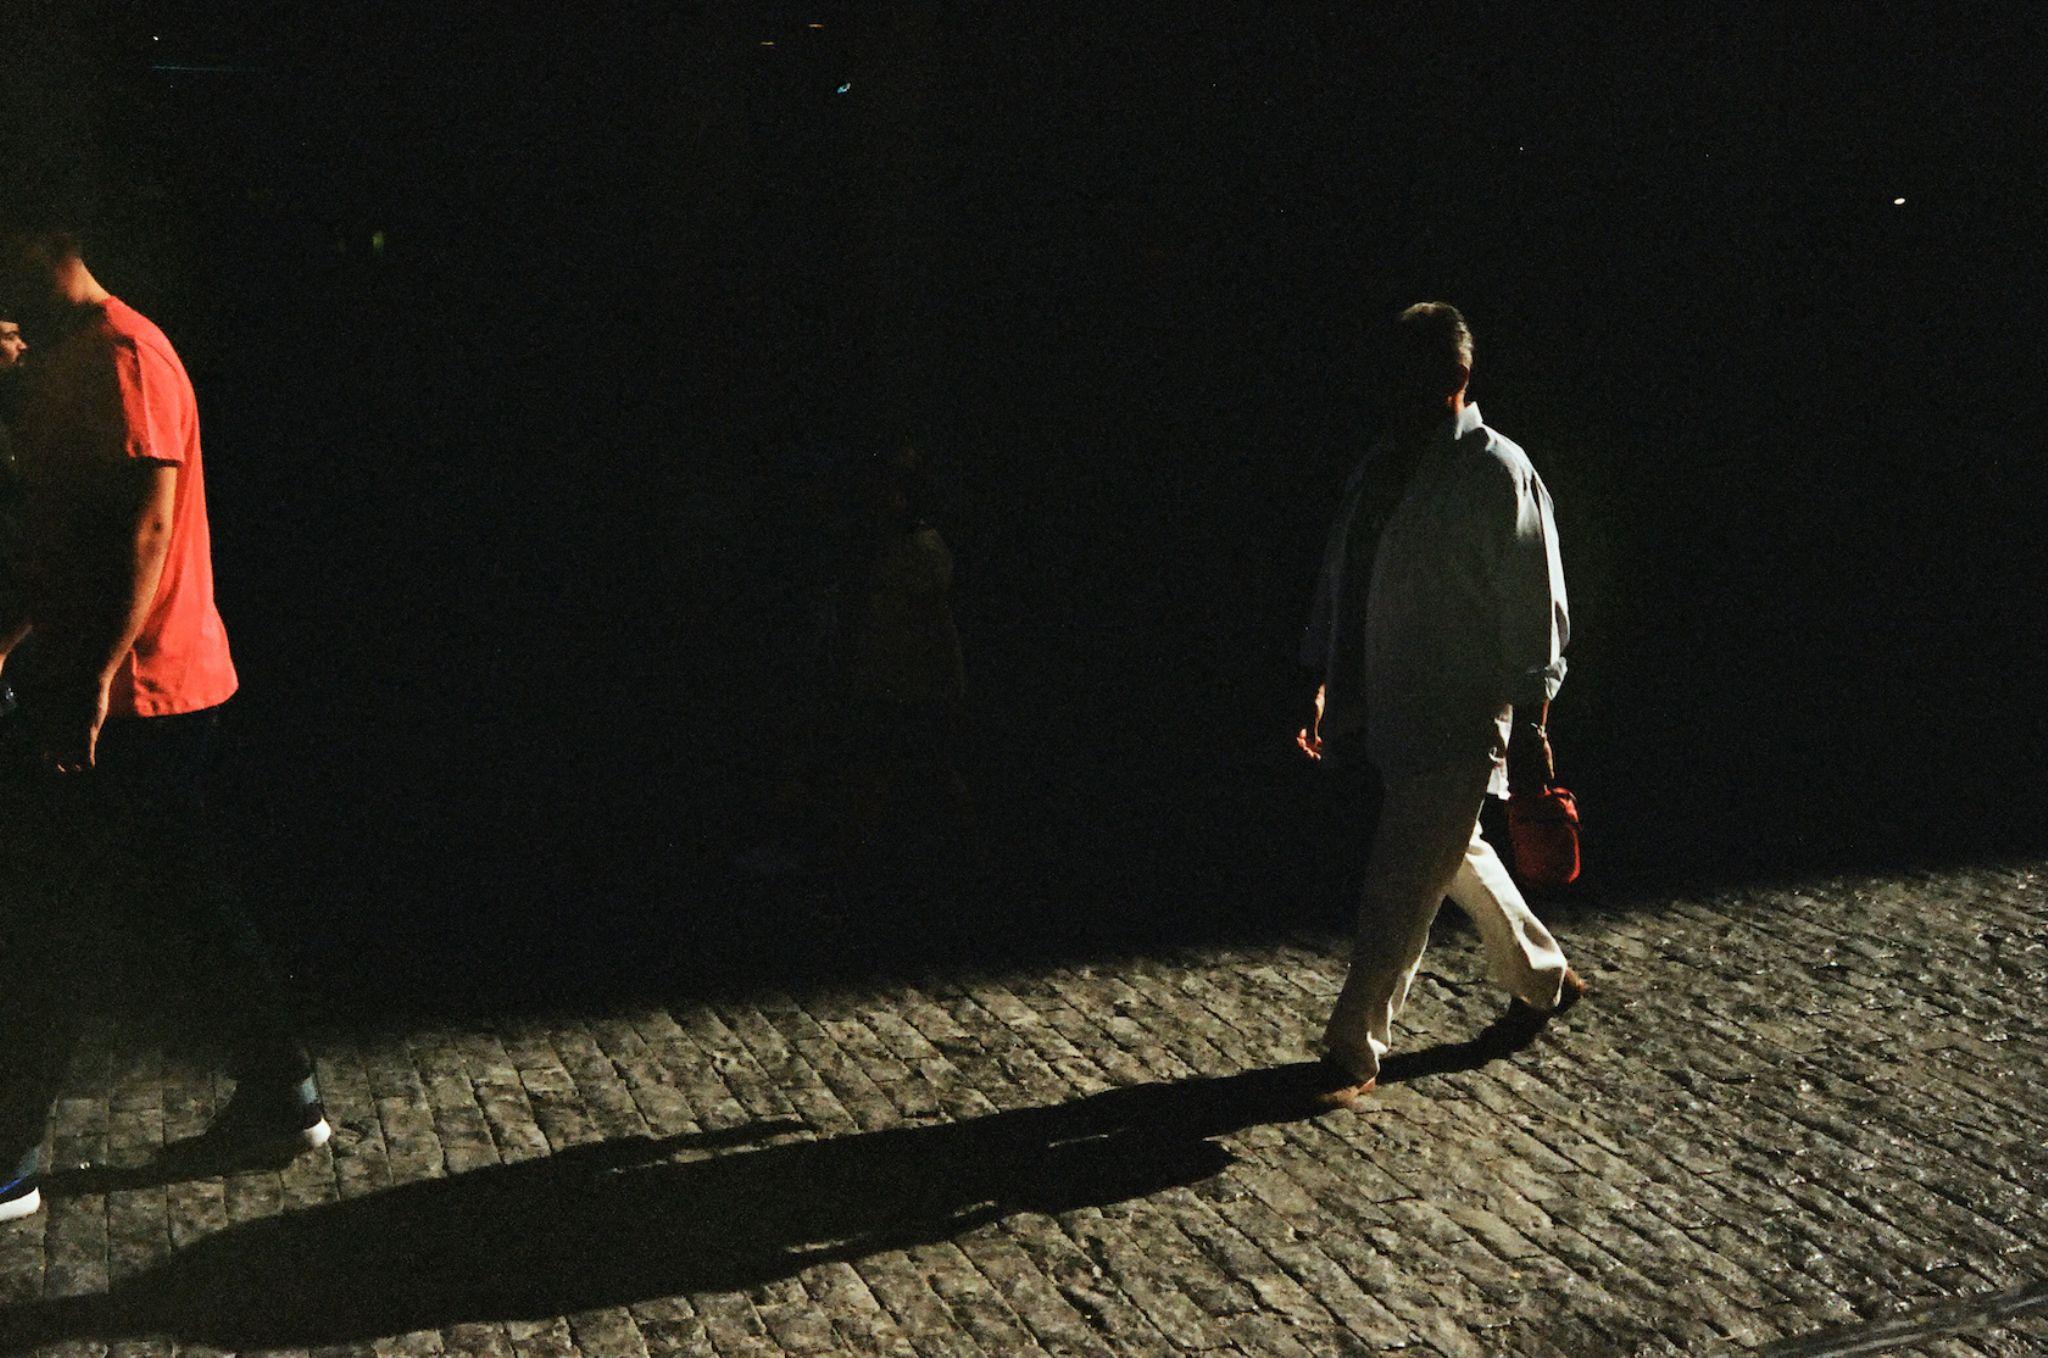 Thick shadows by Spyros Papaspyropoulos